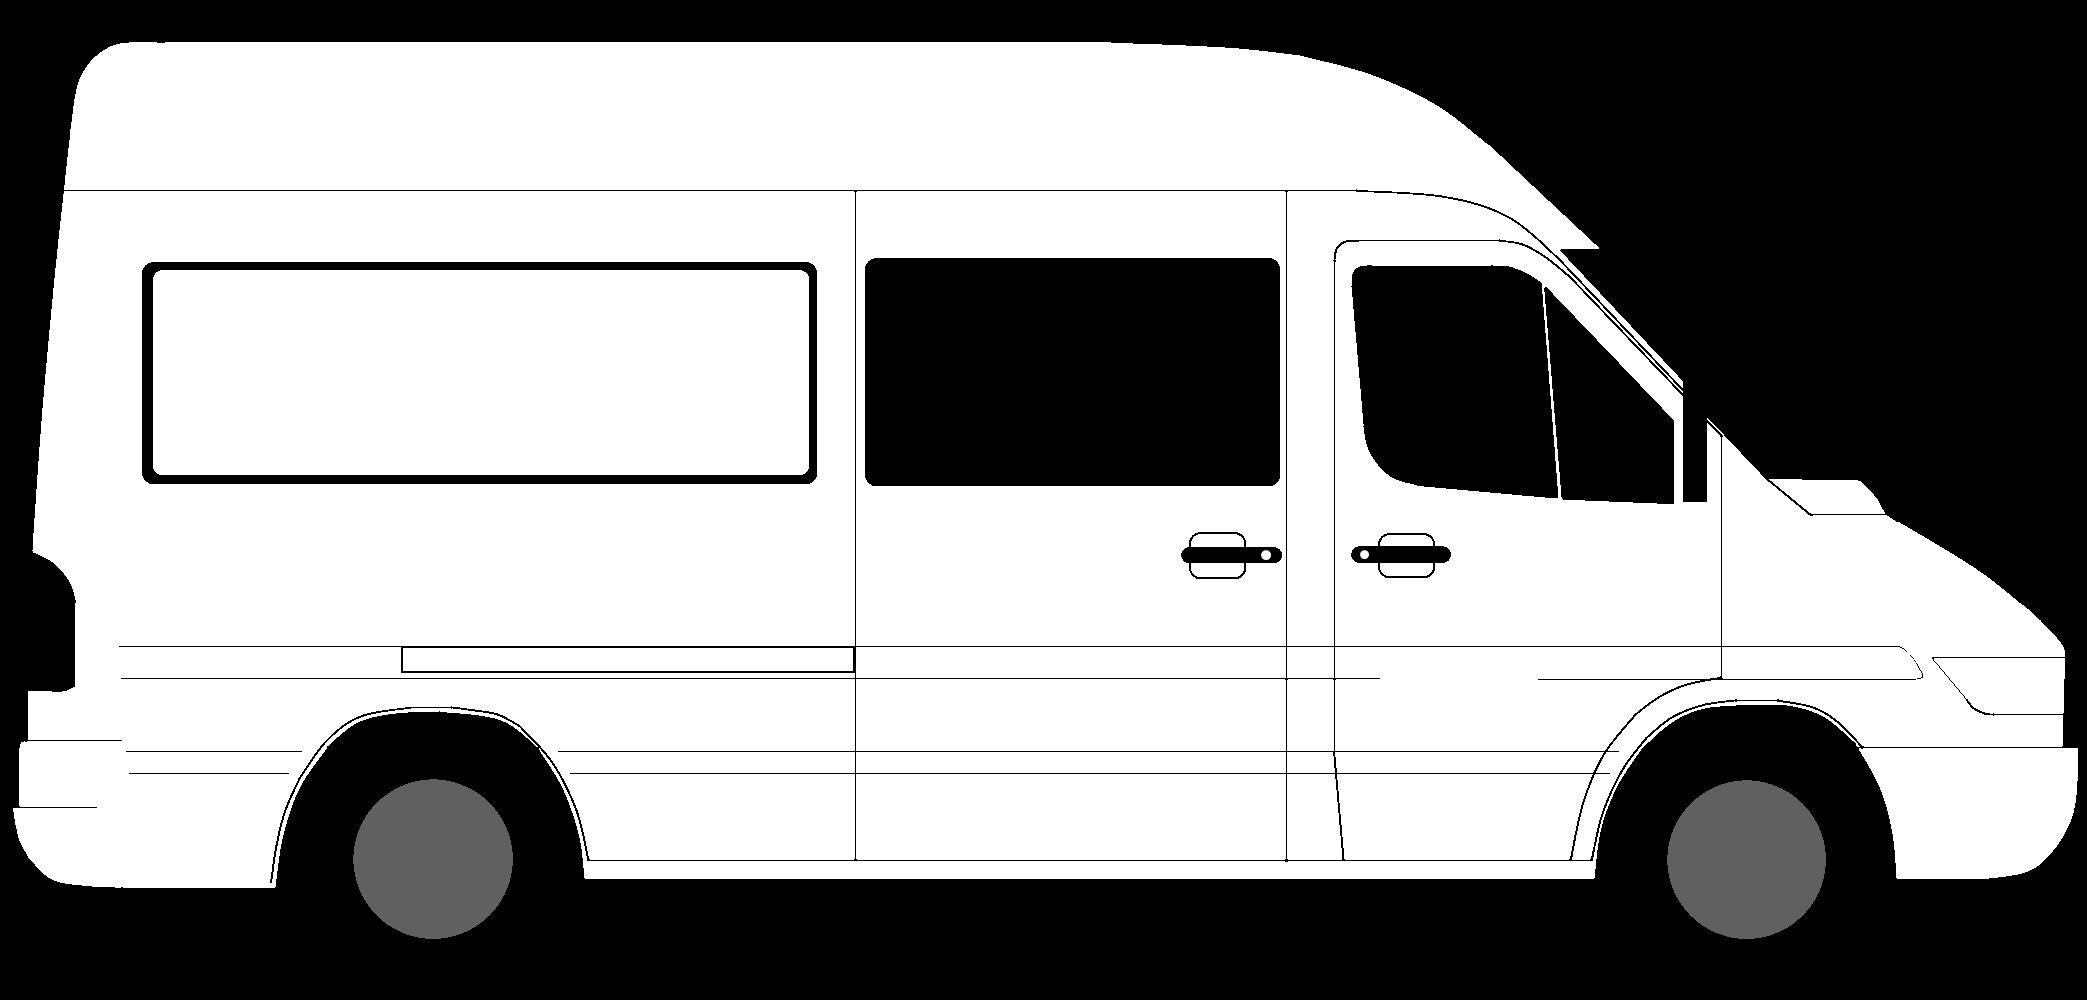 Wunderbar Fahrzeug Grafikvorlagen Zeitgenössisch - Entry Level ...